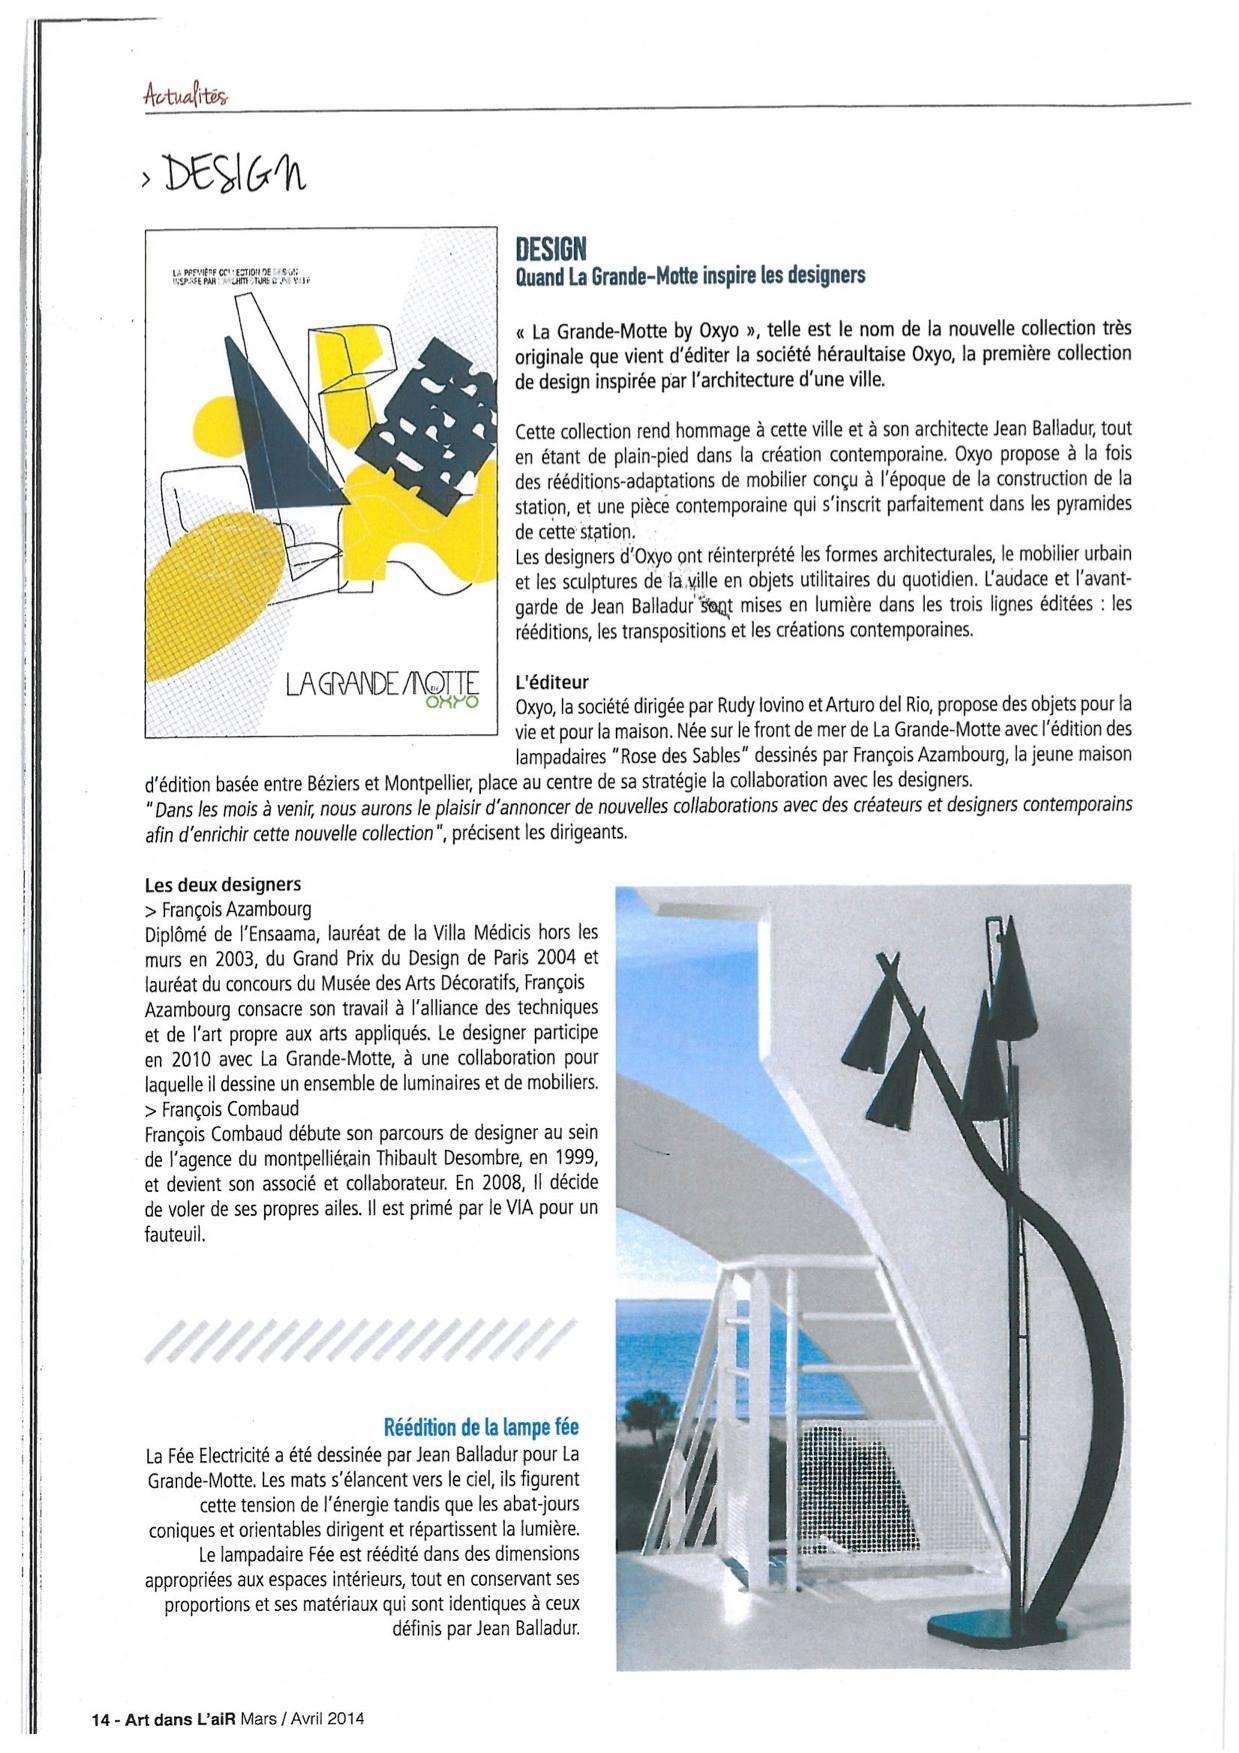 archi-presse-montpellier.jpg